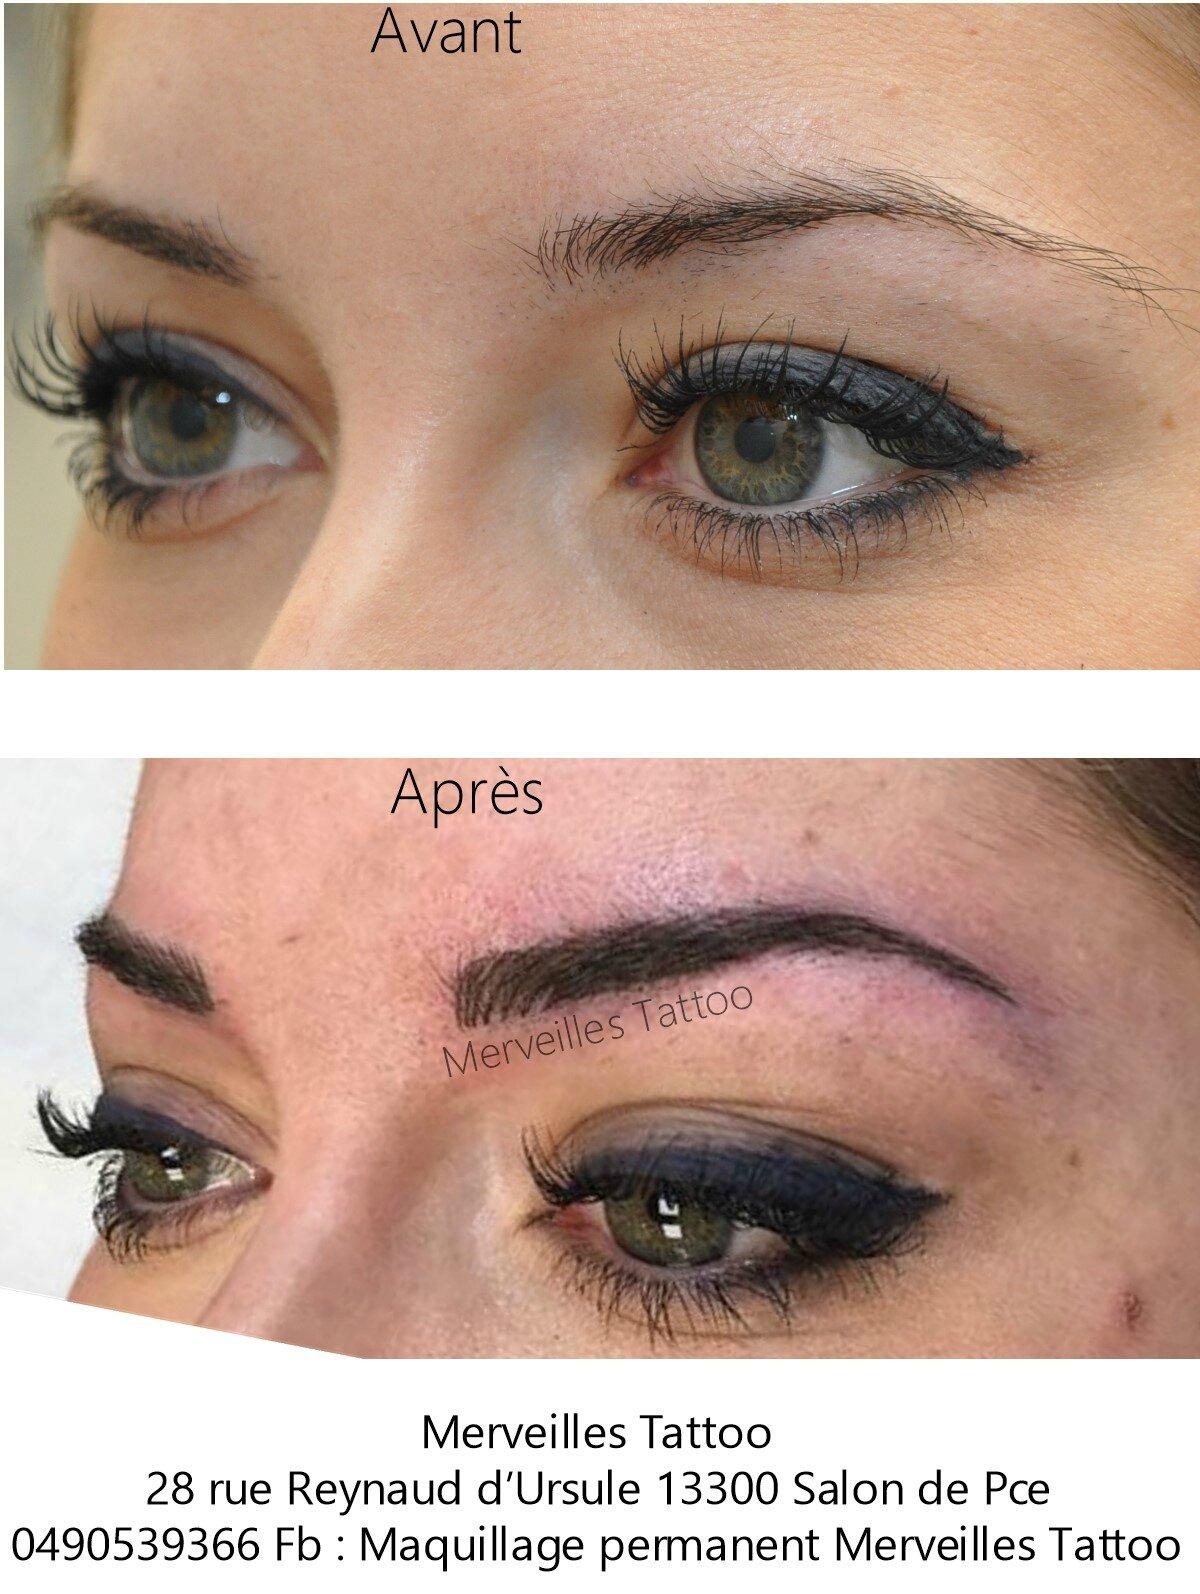 Maquillage permanent des sourcils poil à poil sophistiqué